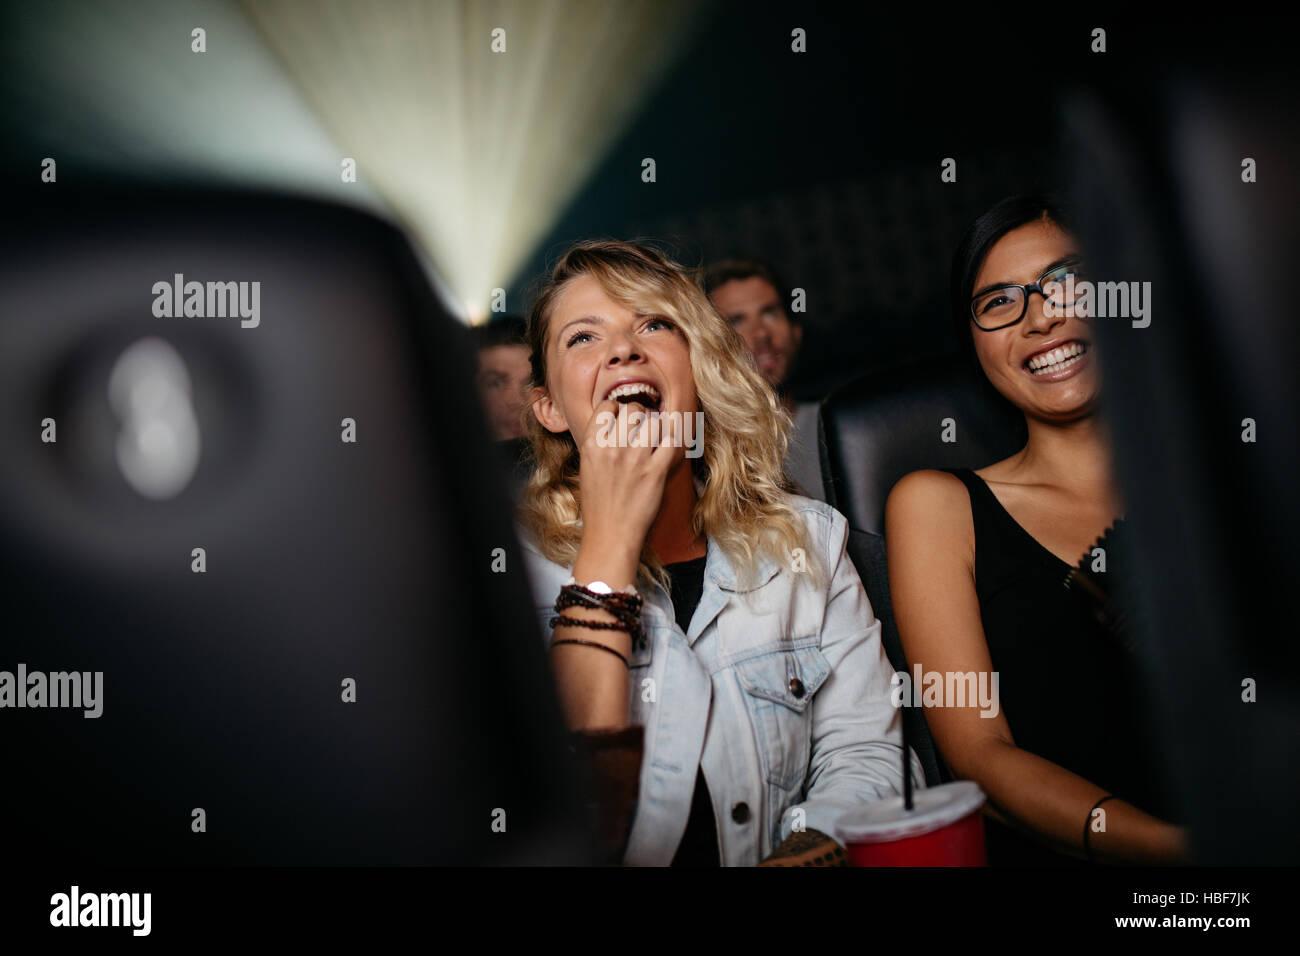 Lächelnde junge Frauen im Kinosaal Essen Popcorn und Film Stockbild